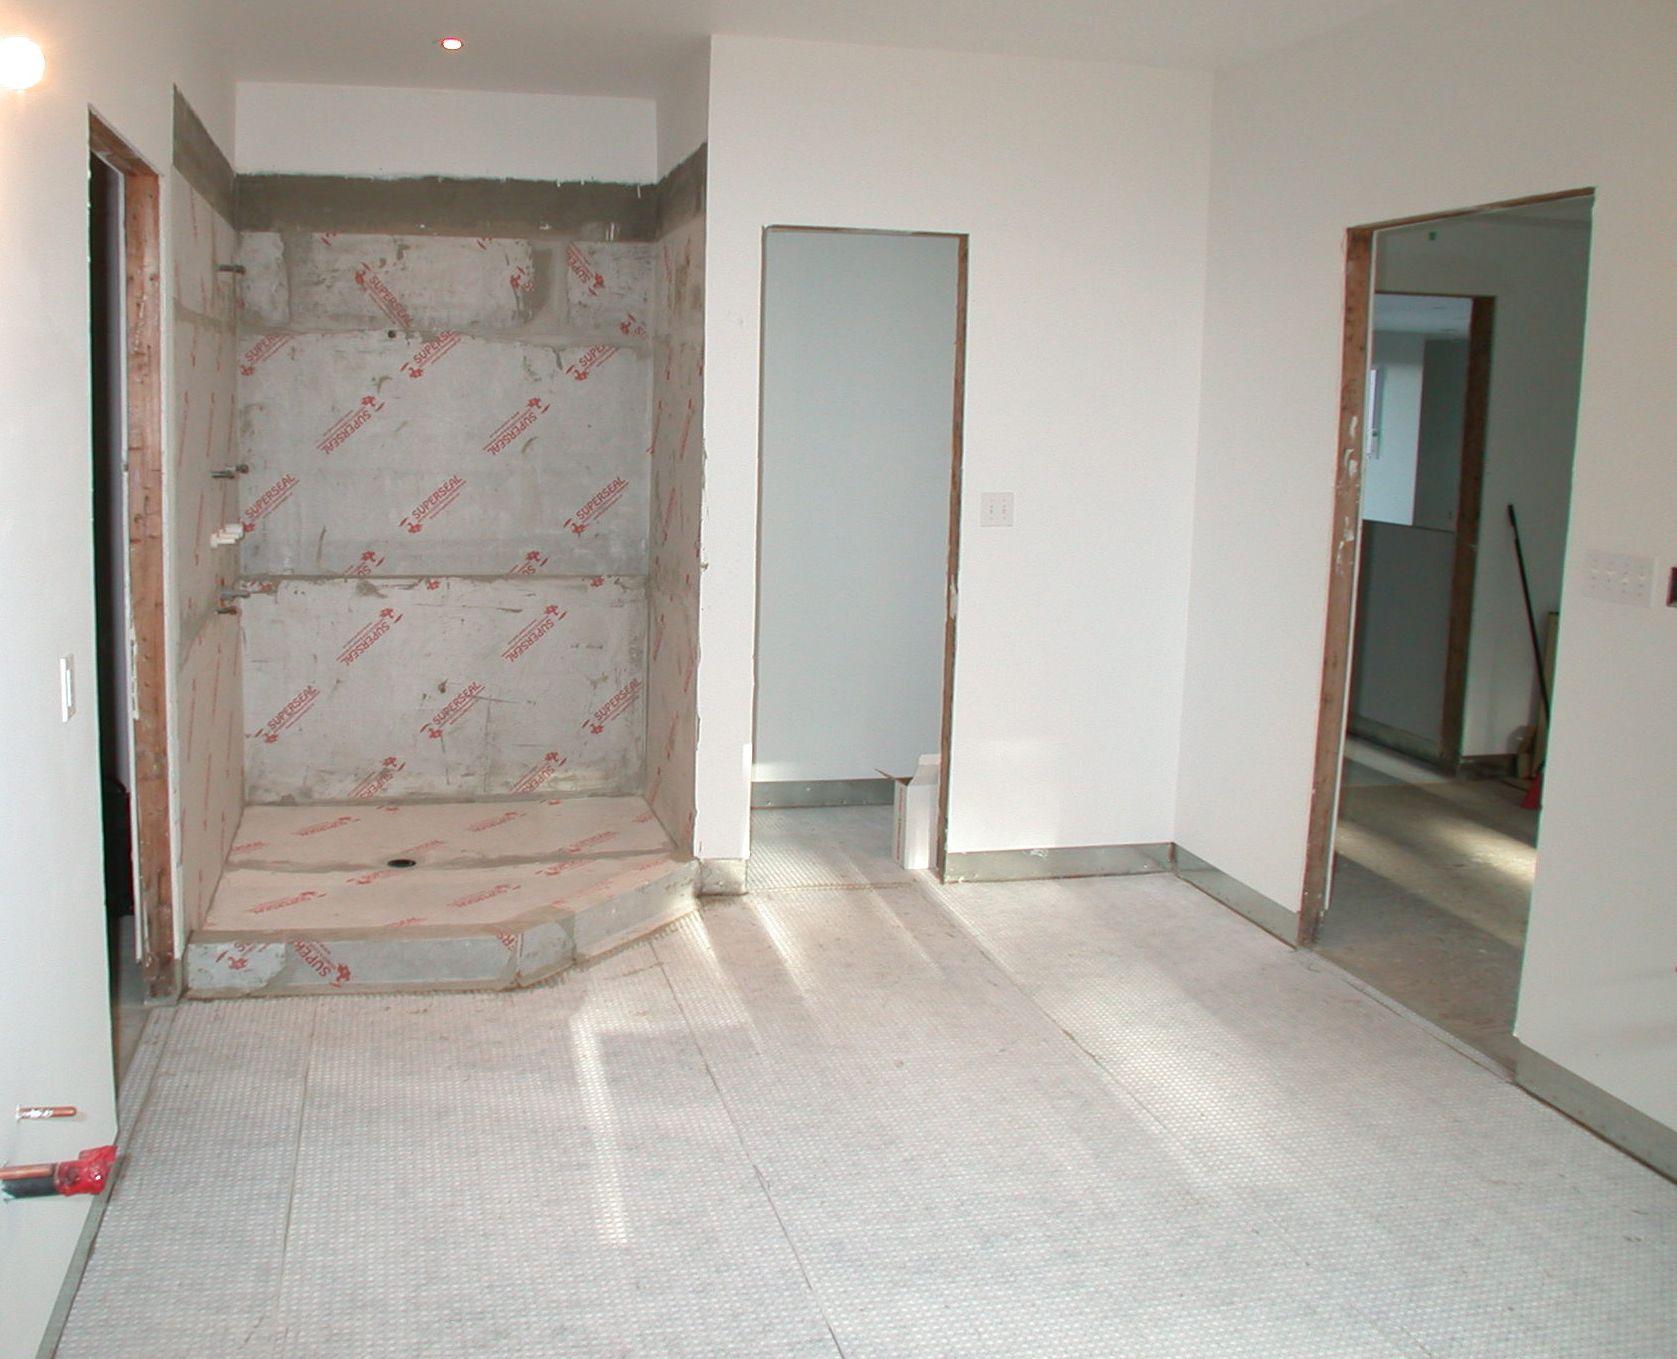 Superseal S Tile Subfloor And Shower N Floor Subfloor